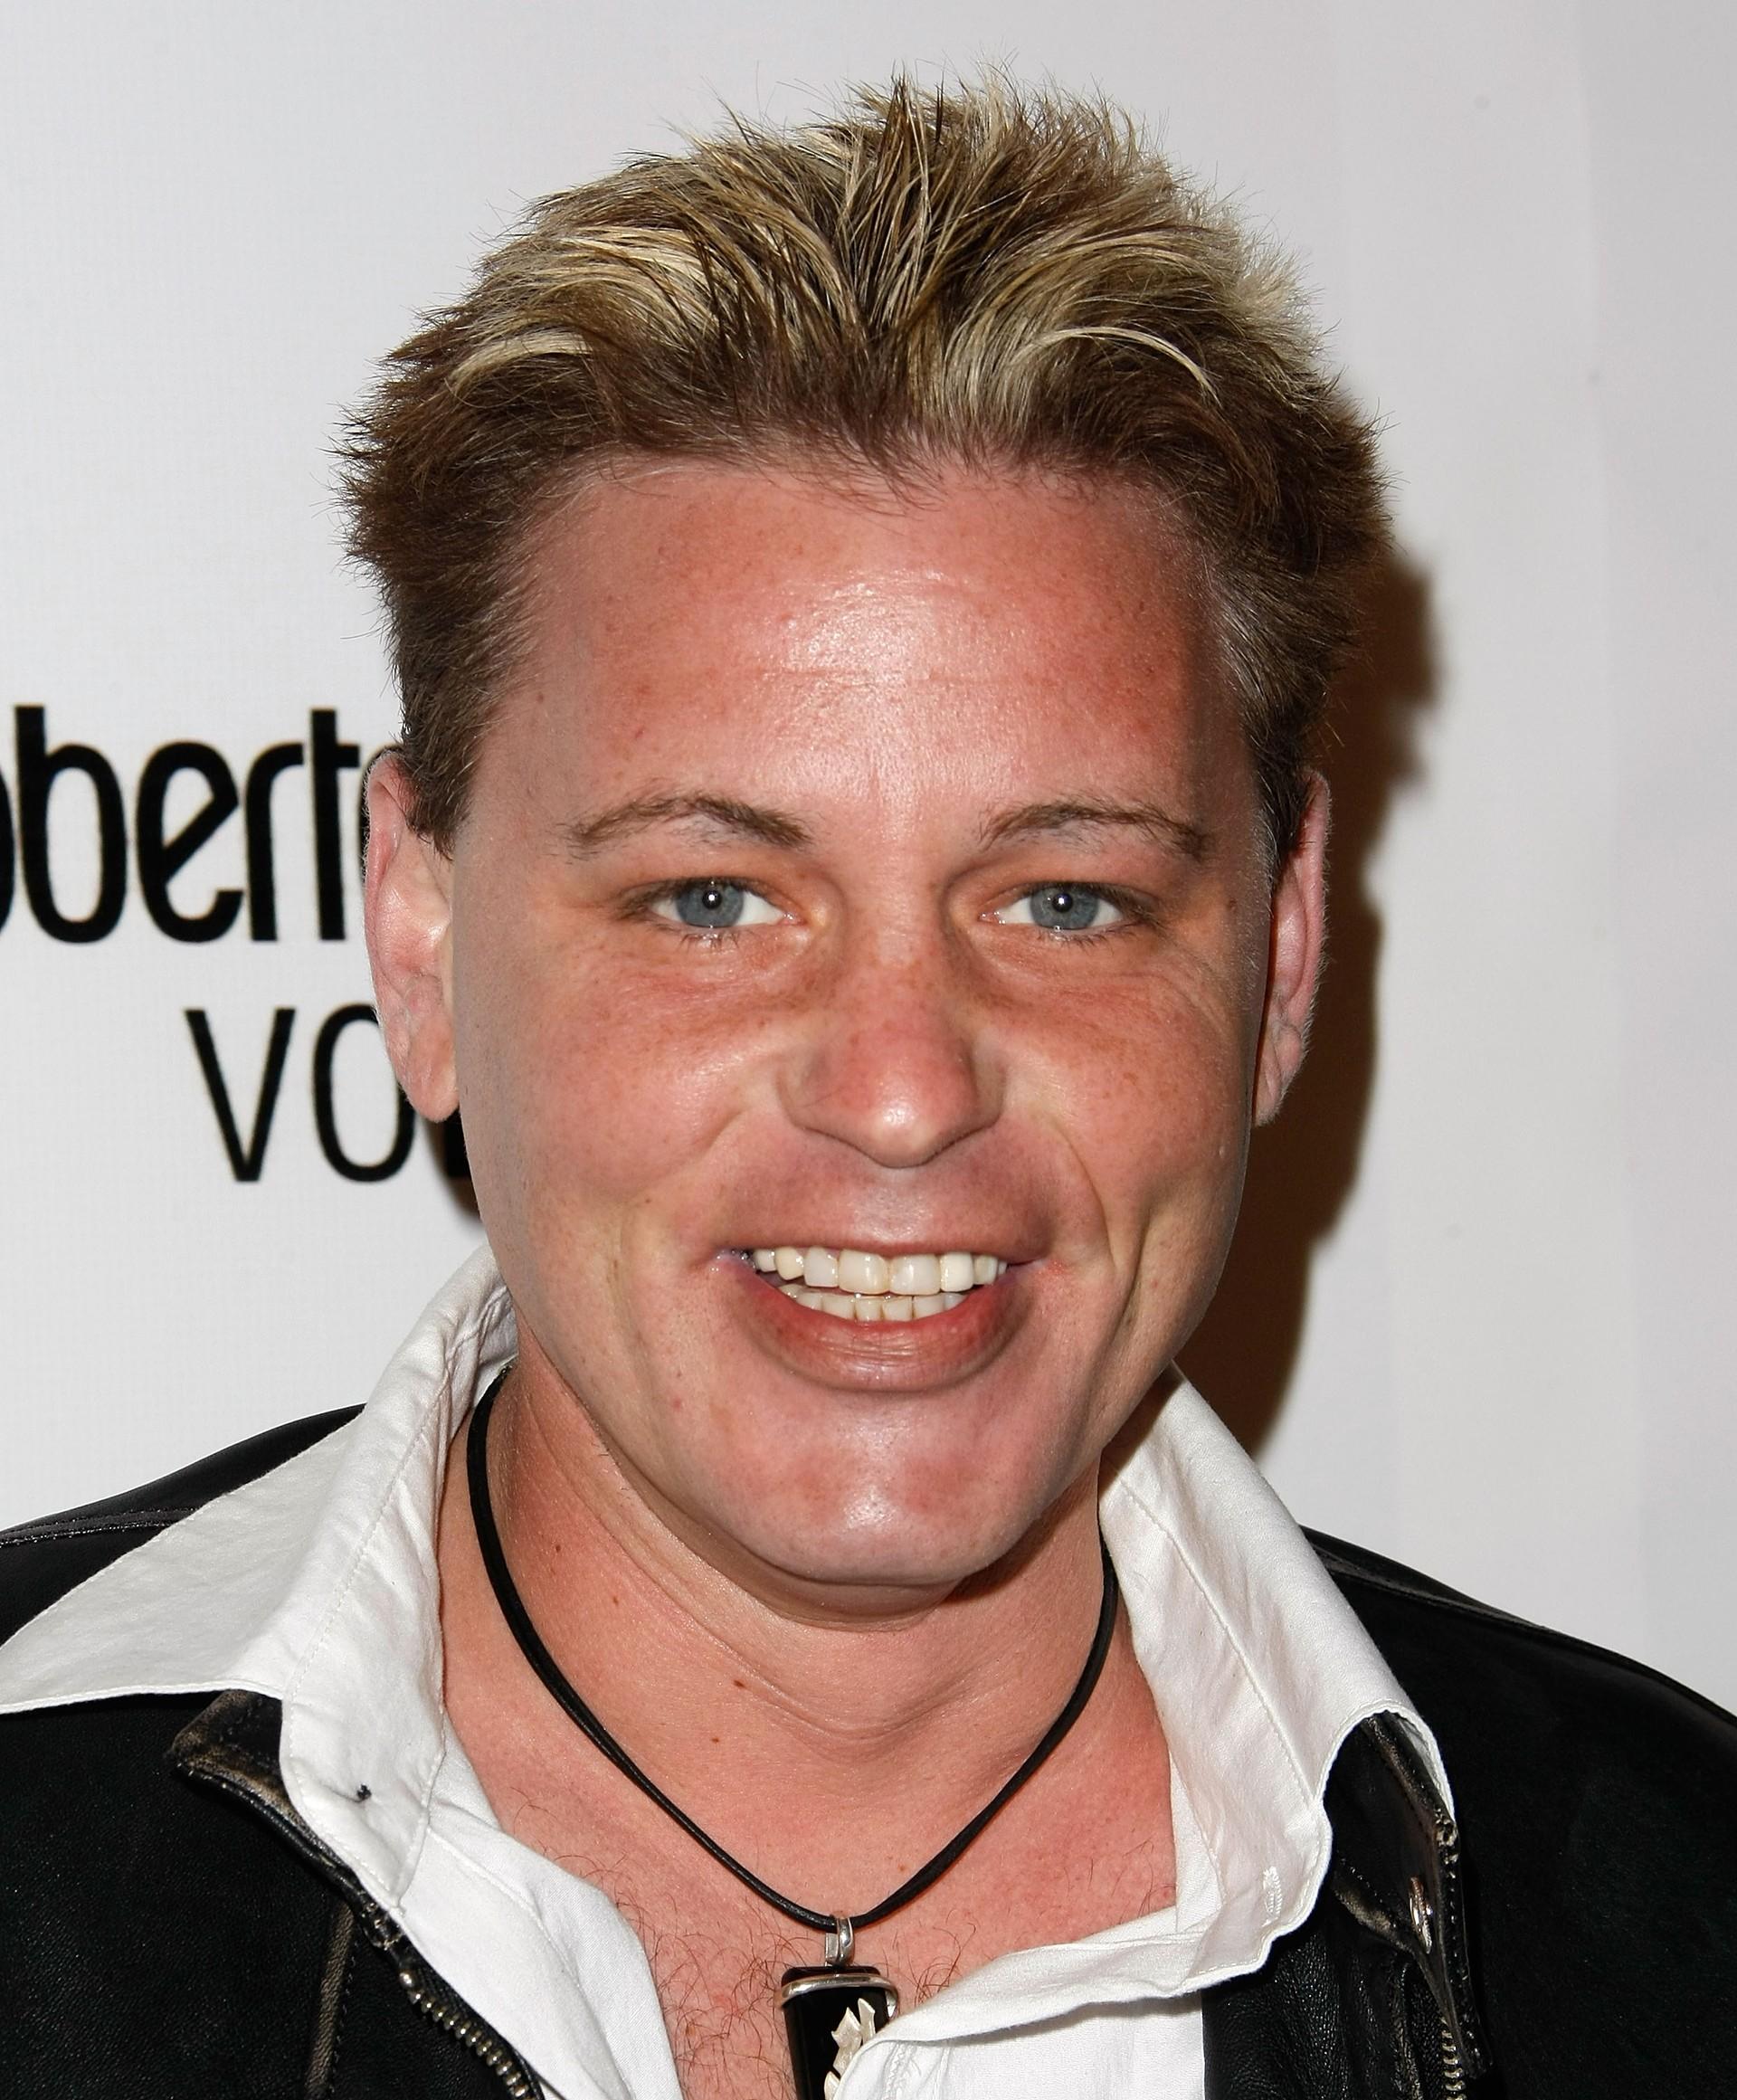 Ele ficou famoso quando adolescente, graças a filmes como 'A Inocência do Primeiro Amor' (1986) e 'Os Garotos Perdidos' (1987). Adulto, ele lutou contra a falta de trabalho, vícios e o trauma que experimentou devido aos abusos sexuais que sofrera quando criança. Em 2007, ele se uniu a Cory Feldman para a série de TV 'The Two Coreys', mas a luta continuava, até que a morte veio por pneumonia. (Foto: Getty Images)